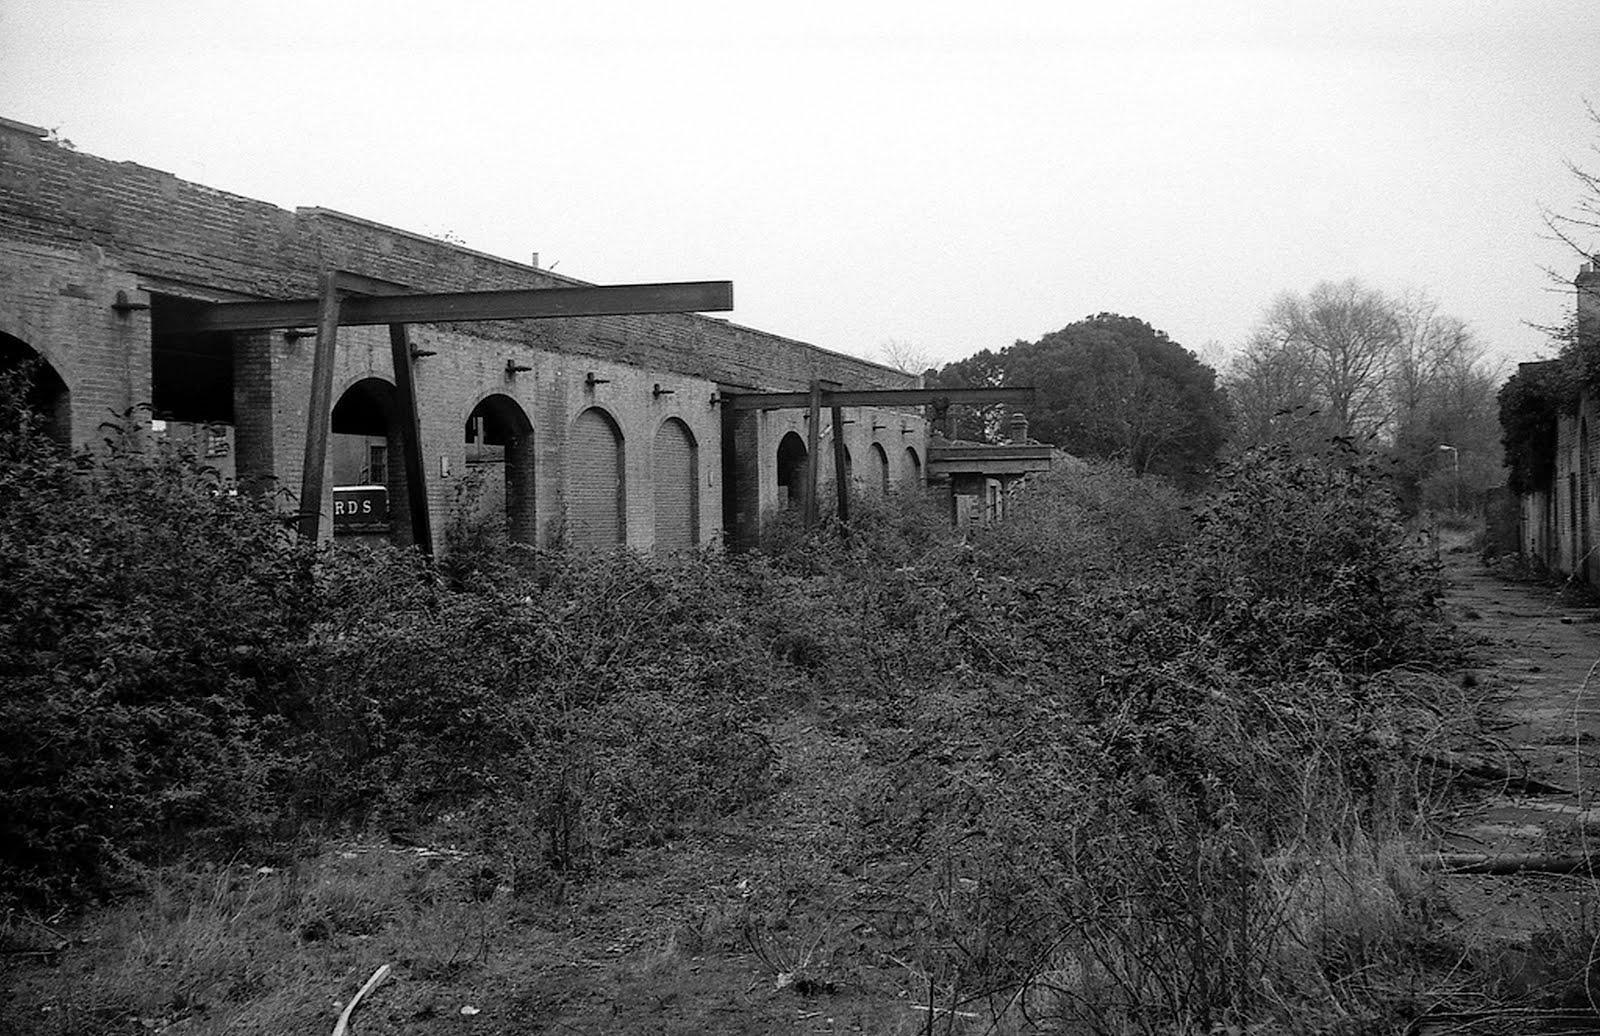 Gosport Station 1970